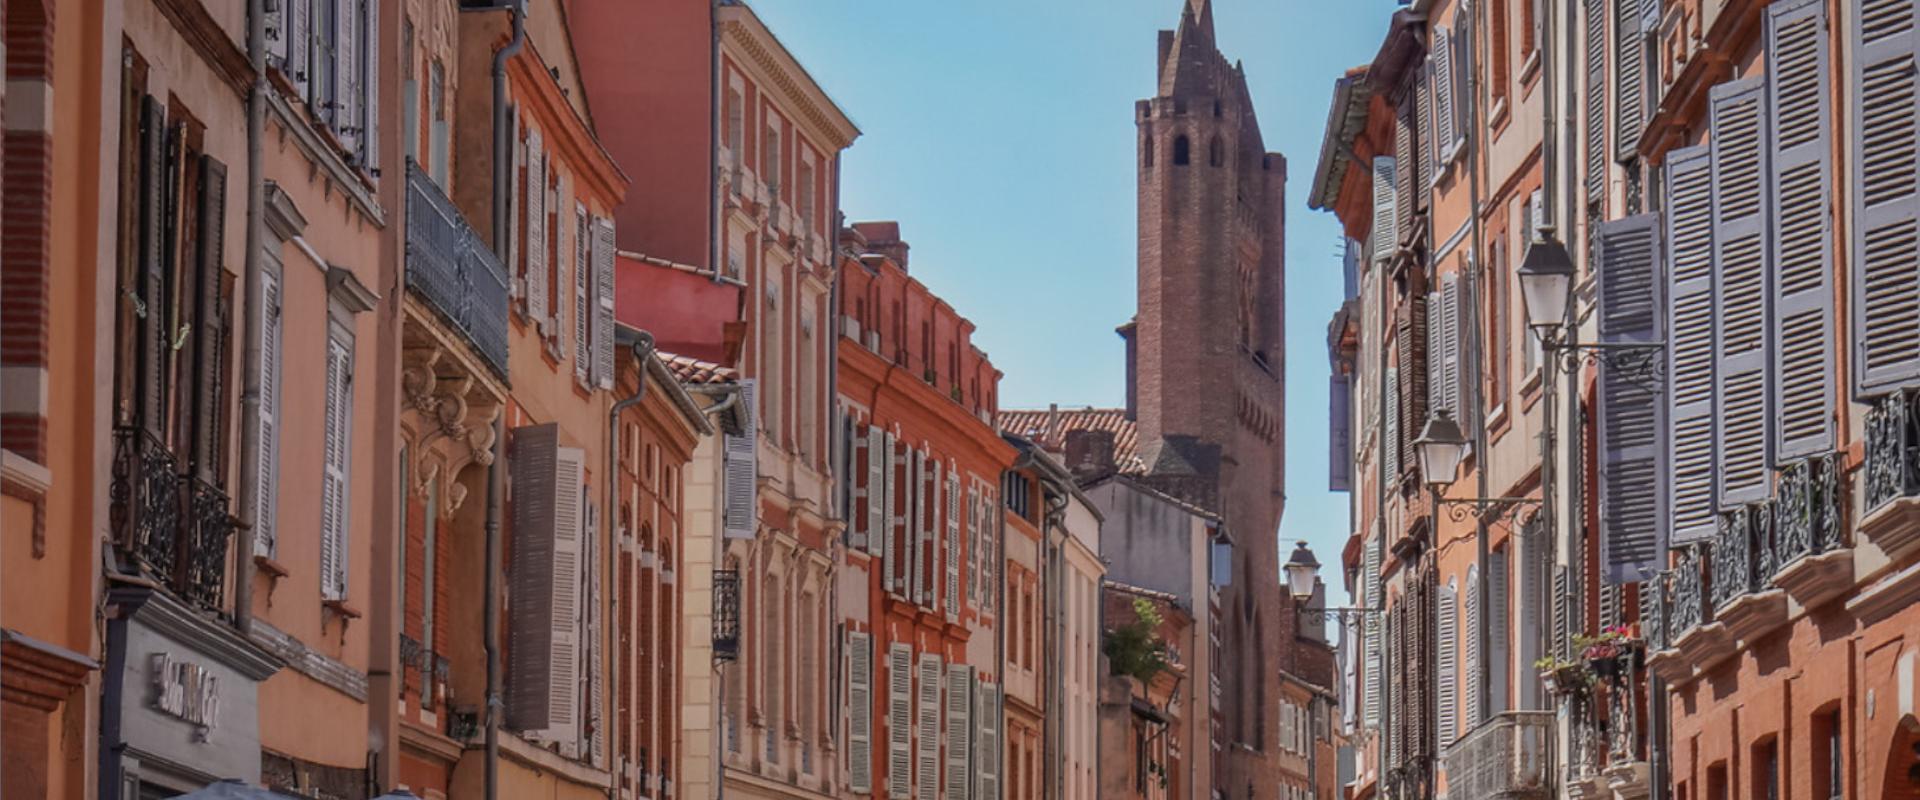 Rue du Taur à Toulouse en automne